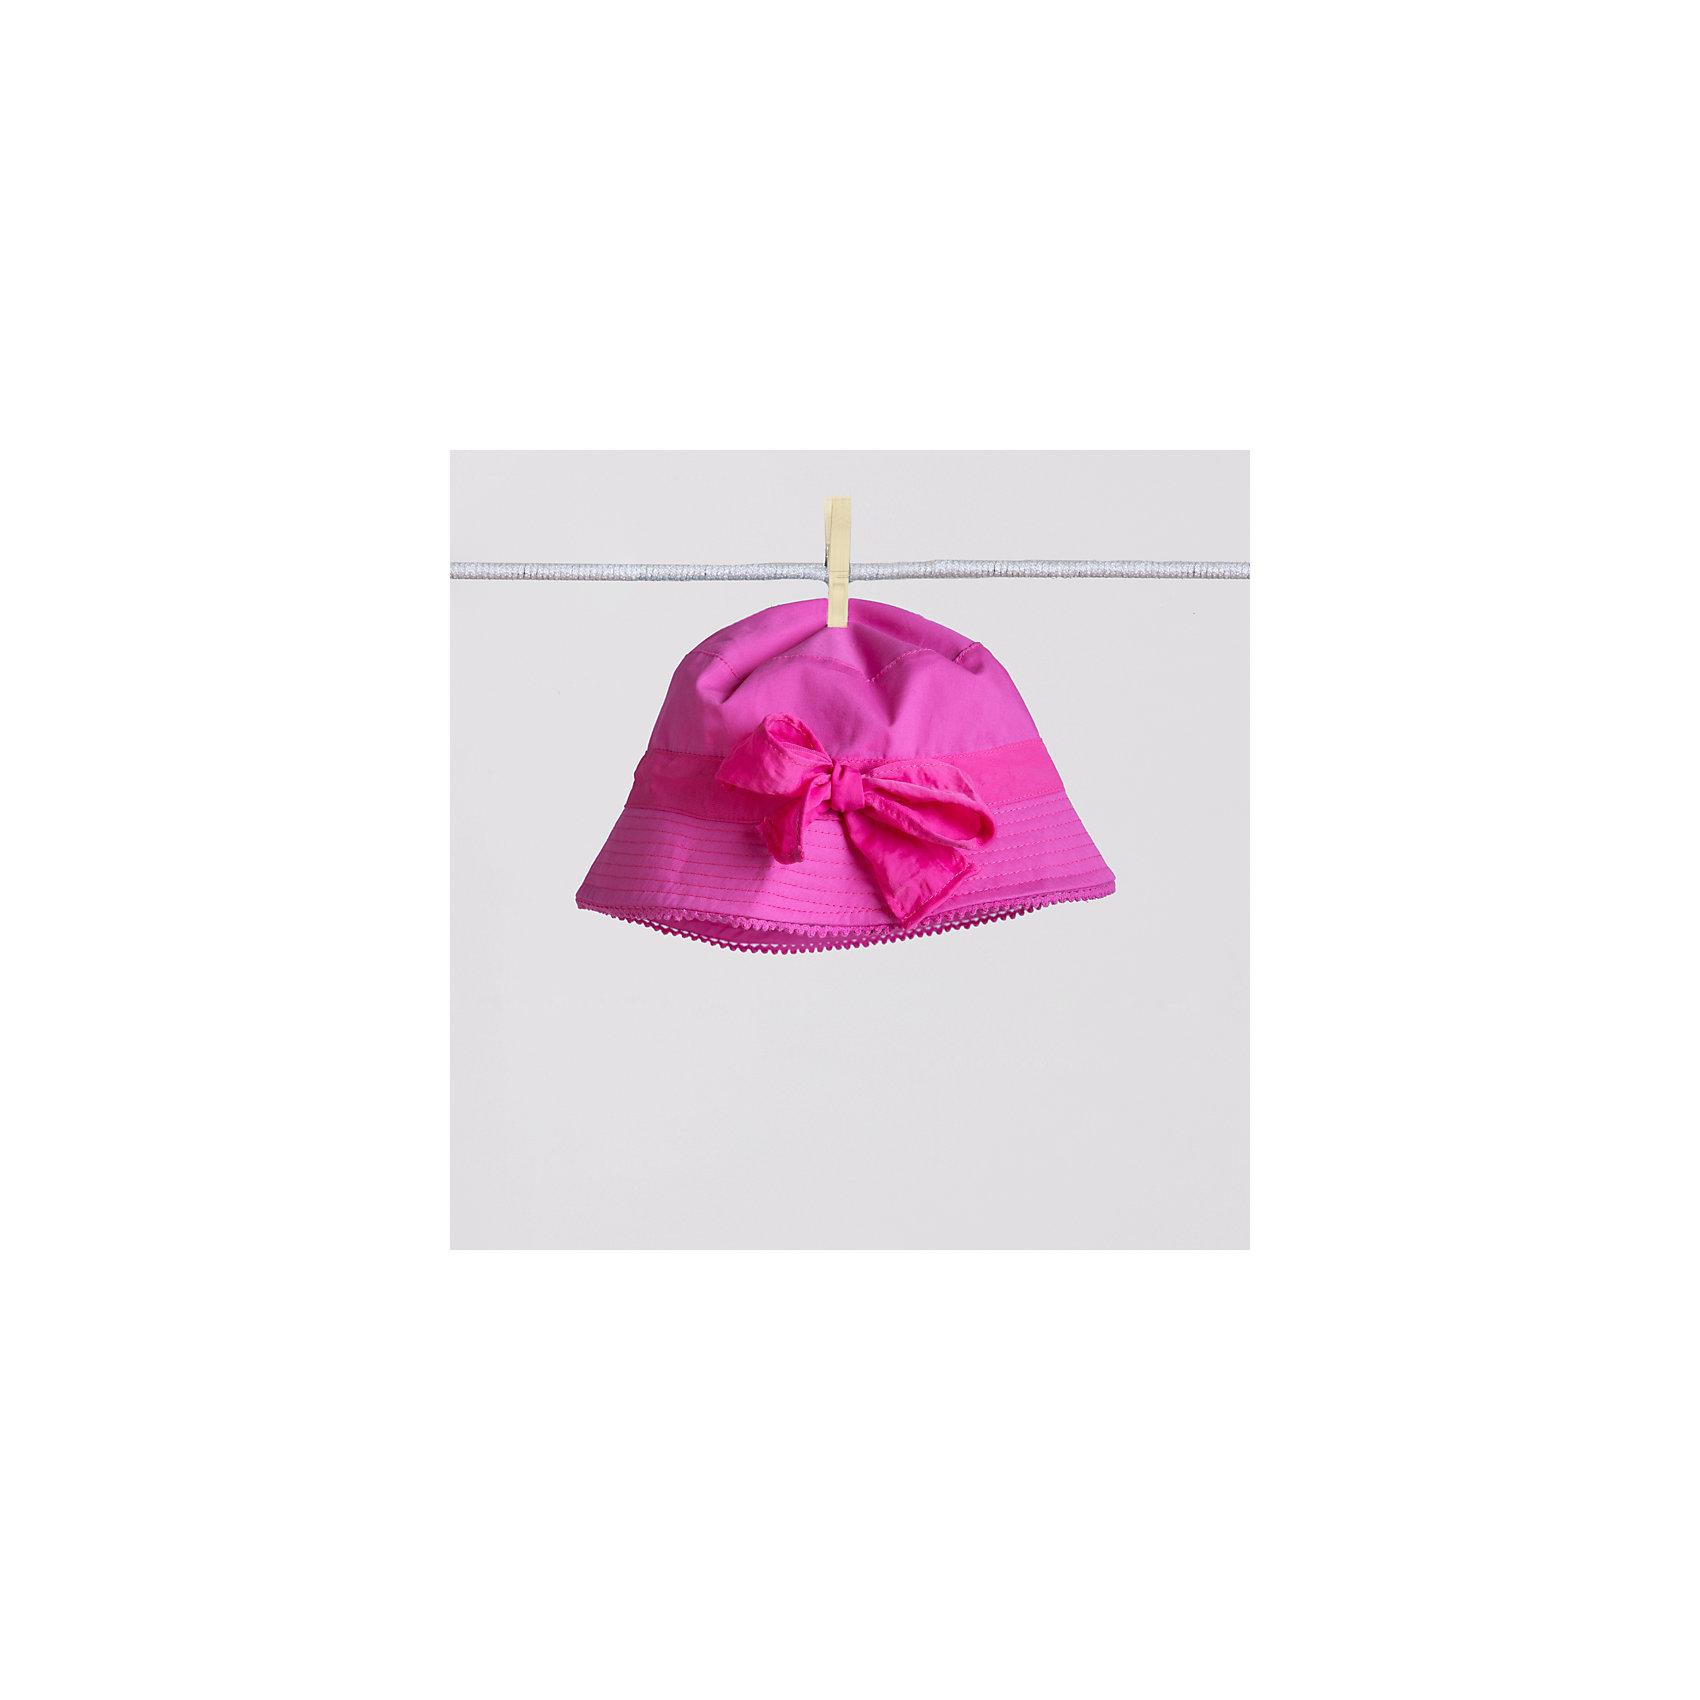 Панама для девочки PlayTodayПанама для девочки от известного бренда PlayToday. <br>Панама яркого цвета для девочки <br>Подкладка - хлопок <br>Модель украшена бантиком в тон изделия <br>Состав: 100% хлопок<br><br>Ширина мм: 89<br>Глубина мм: 117<br>Высота мм: 44<br>Вес г: 155<br>Цвет: розовый<br>Возраст от месяцев: 48<br>Возраст до месяцев: 60<br>Пол: Женский<br>Возраст: Детский<br>Размер: 52,50,54<br>SKU: 3985330